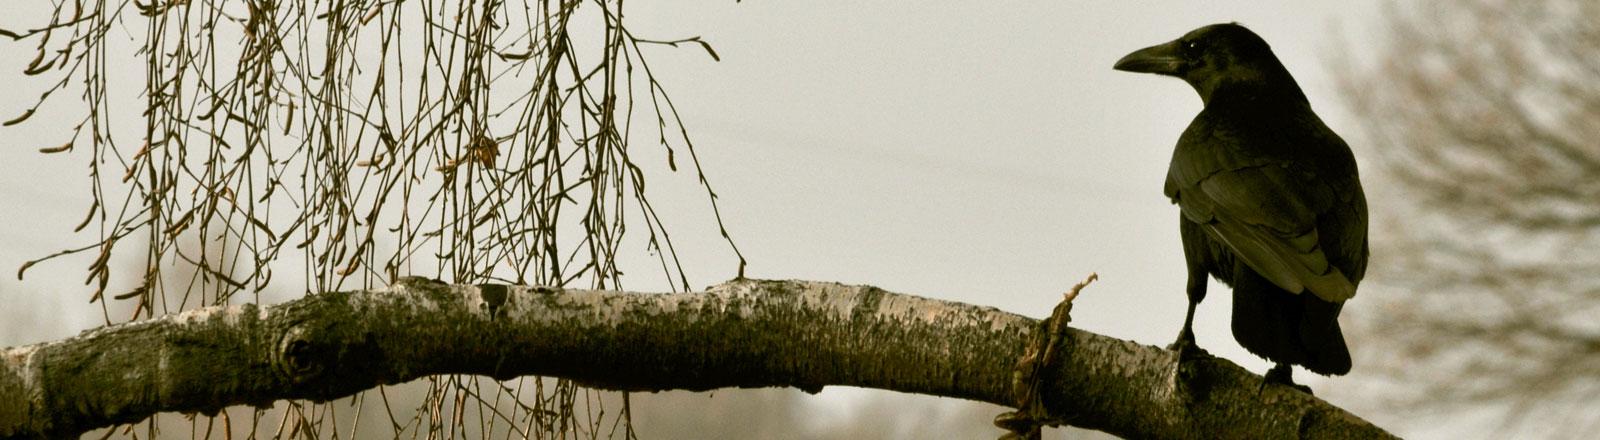 Eine Krähe auf einem Ast.